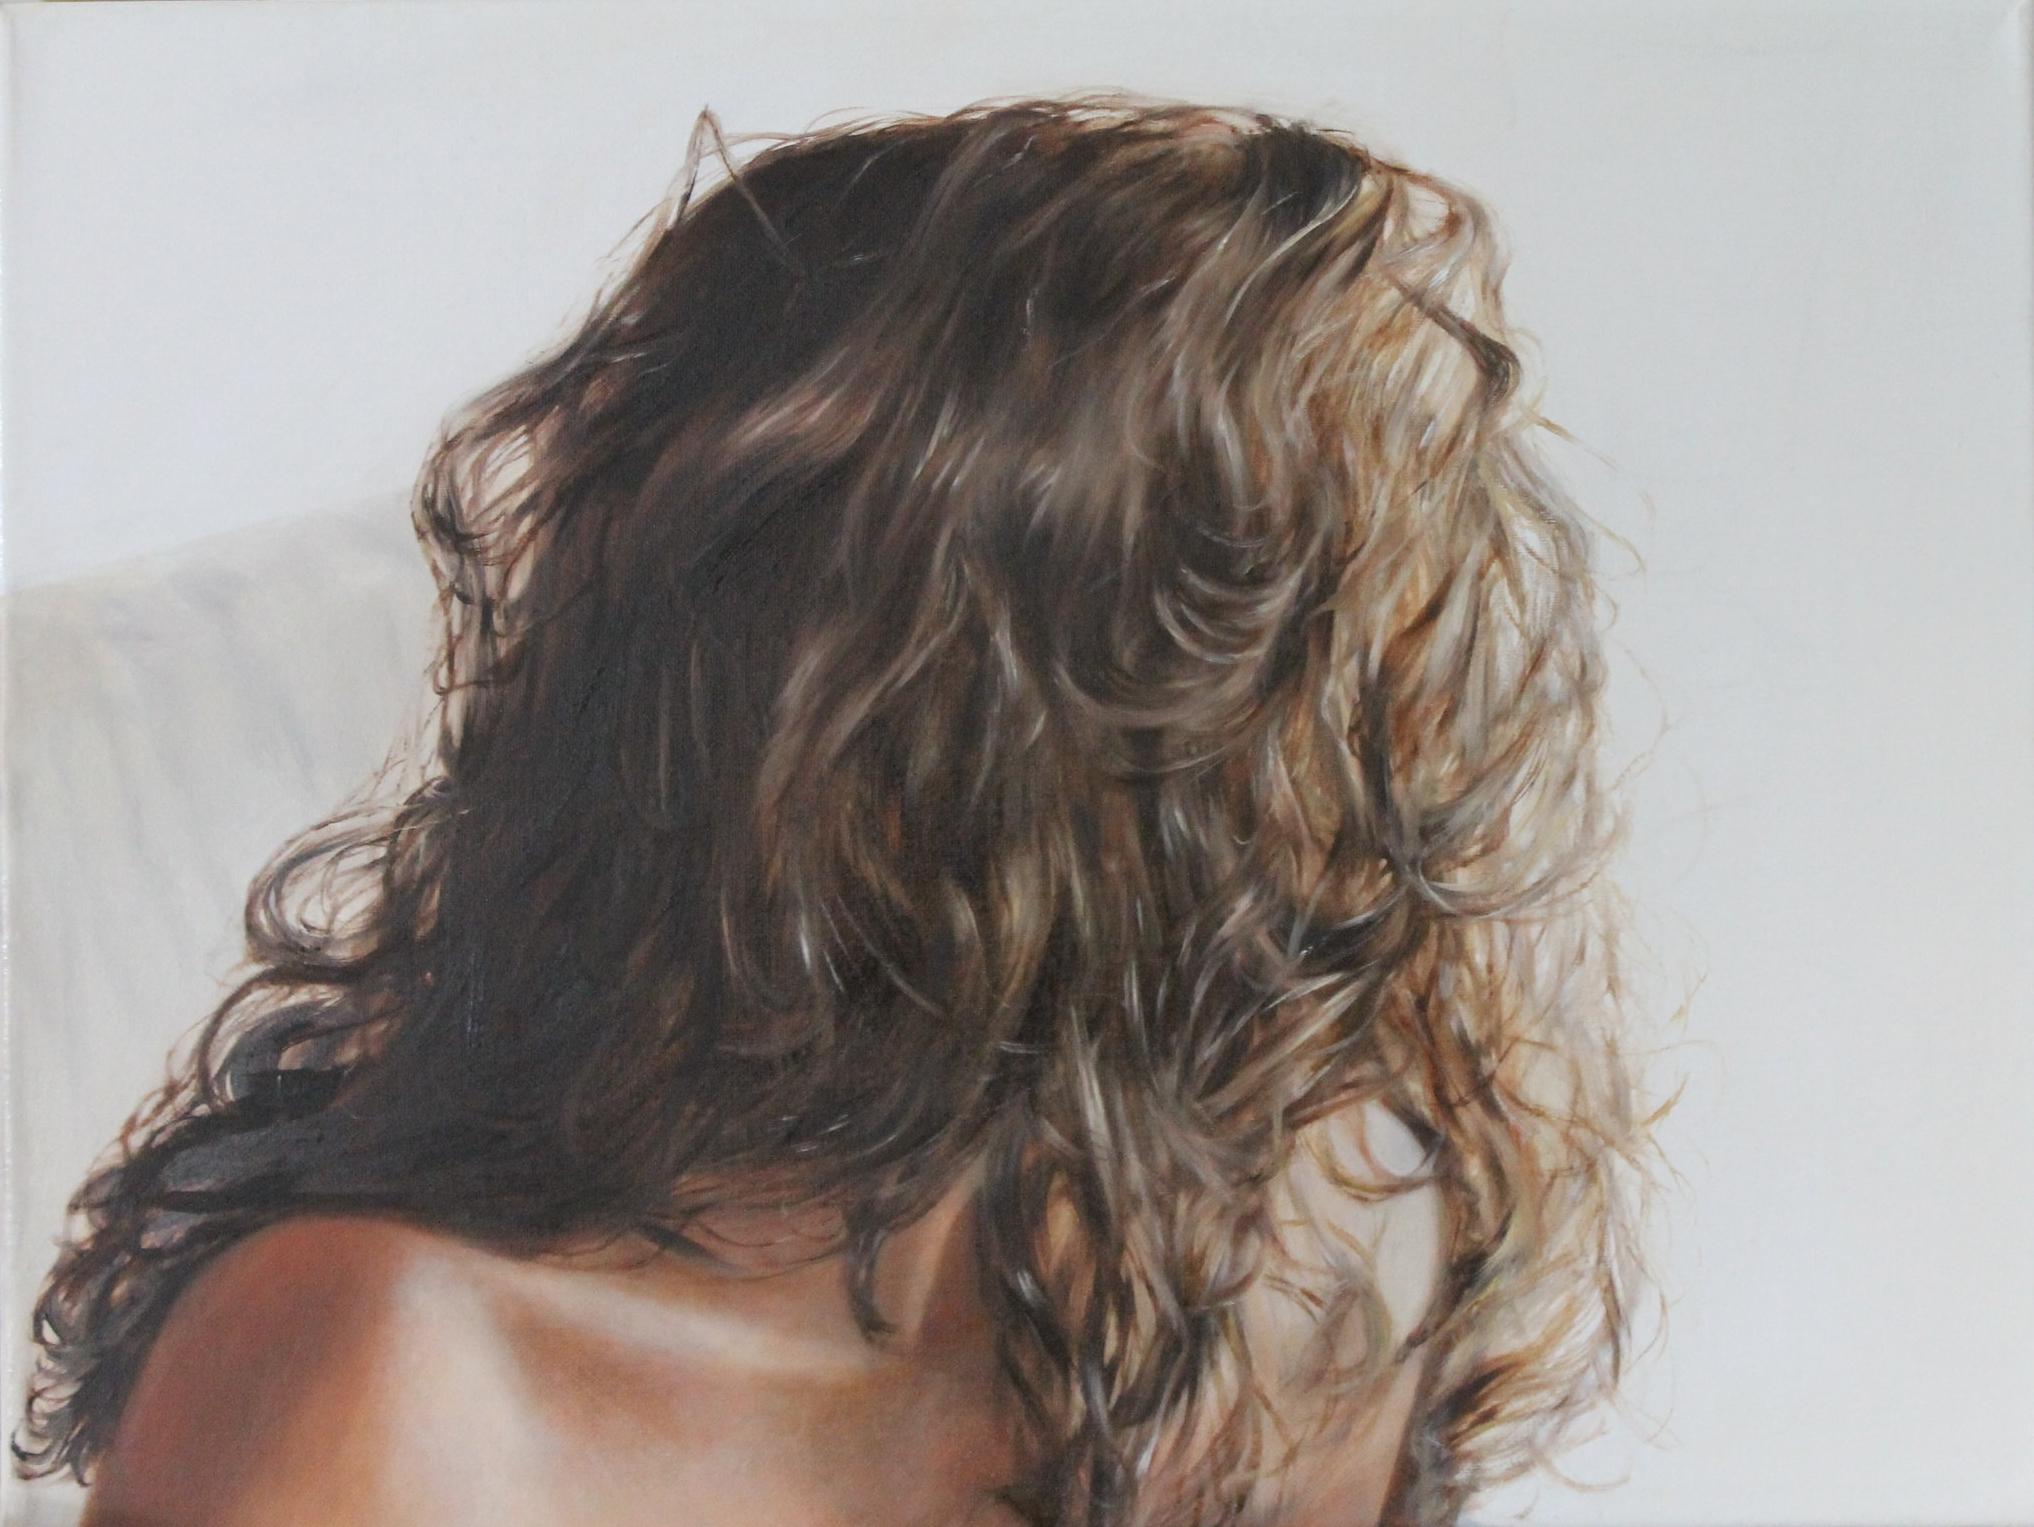 Self portrait 2013, 40 x 30cm, oil on canvas